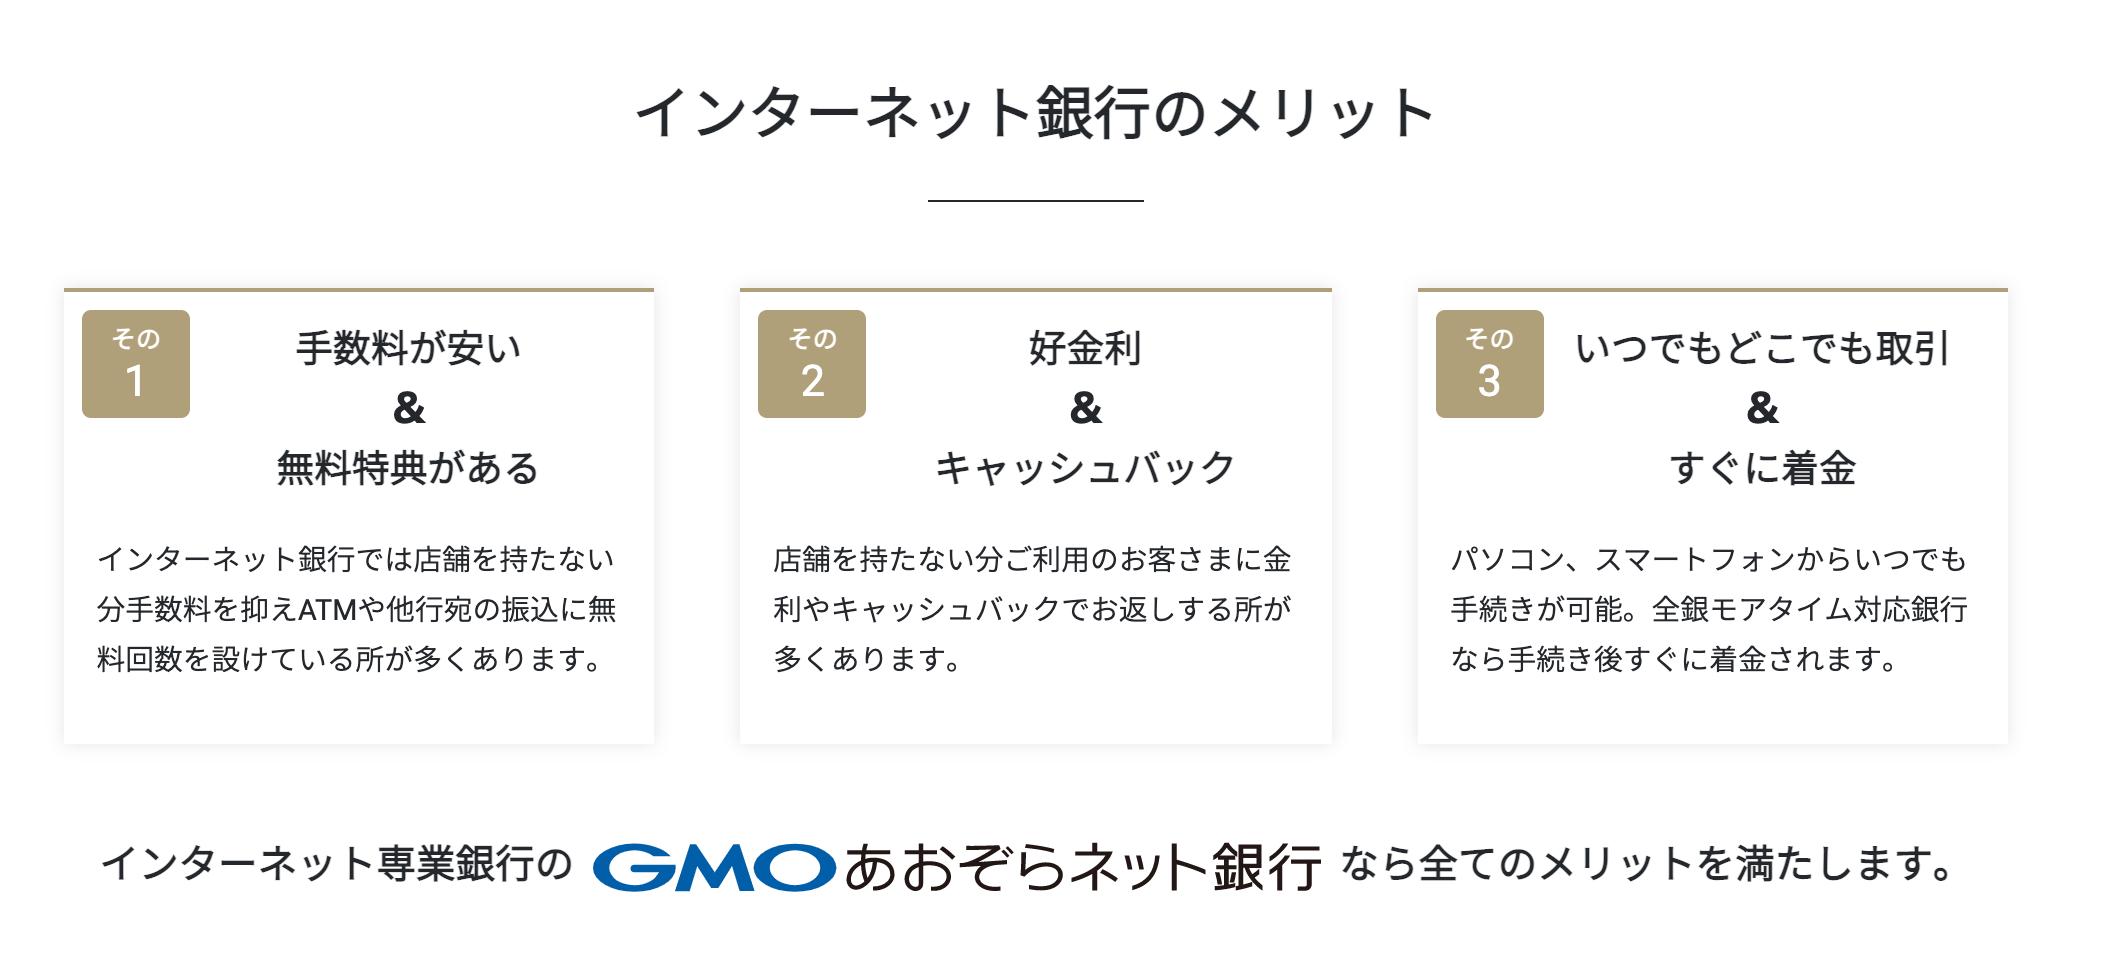 GMOあおぞらネット銀行 について